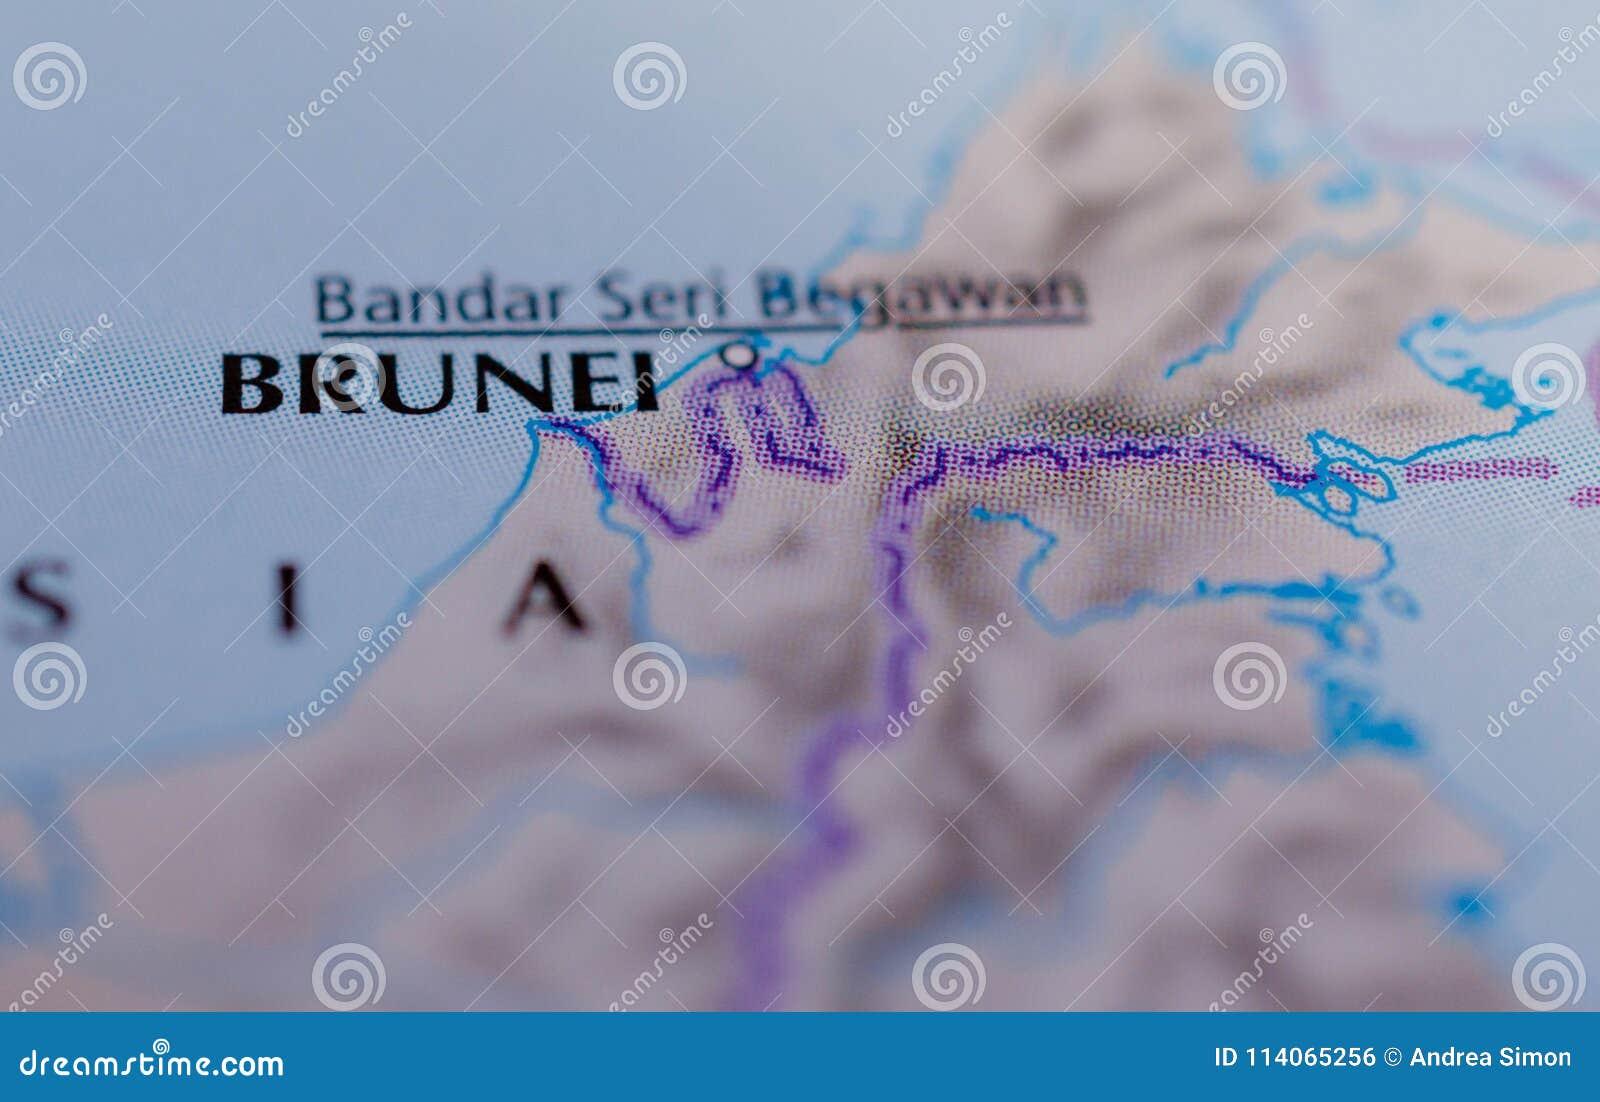 Le Brunei sur la carte